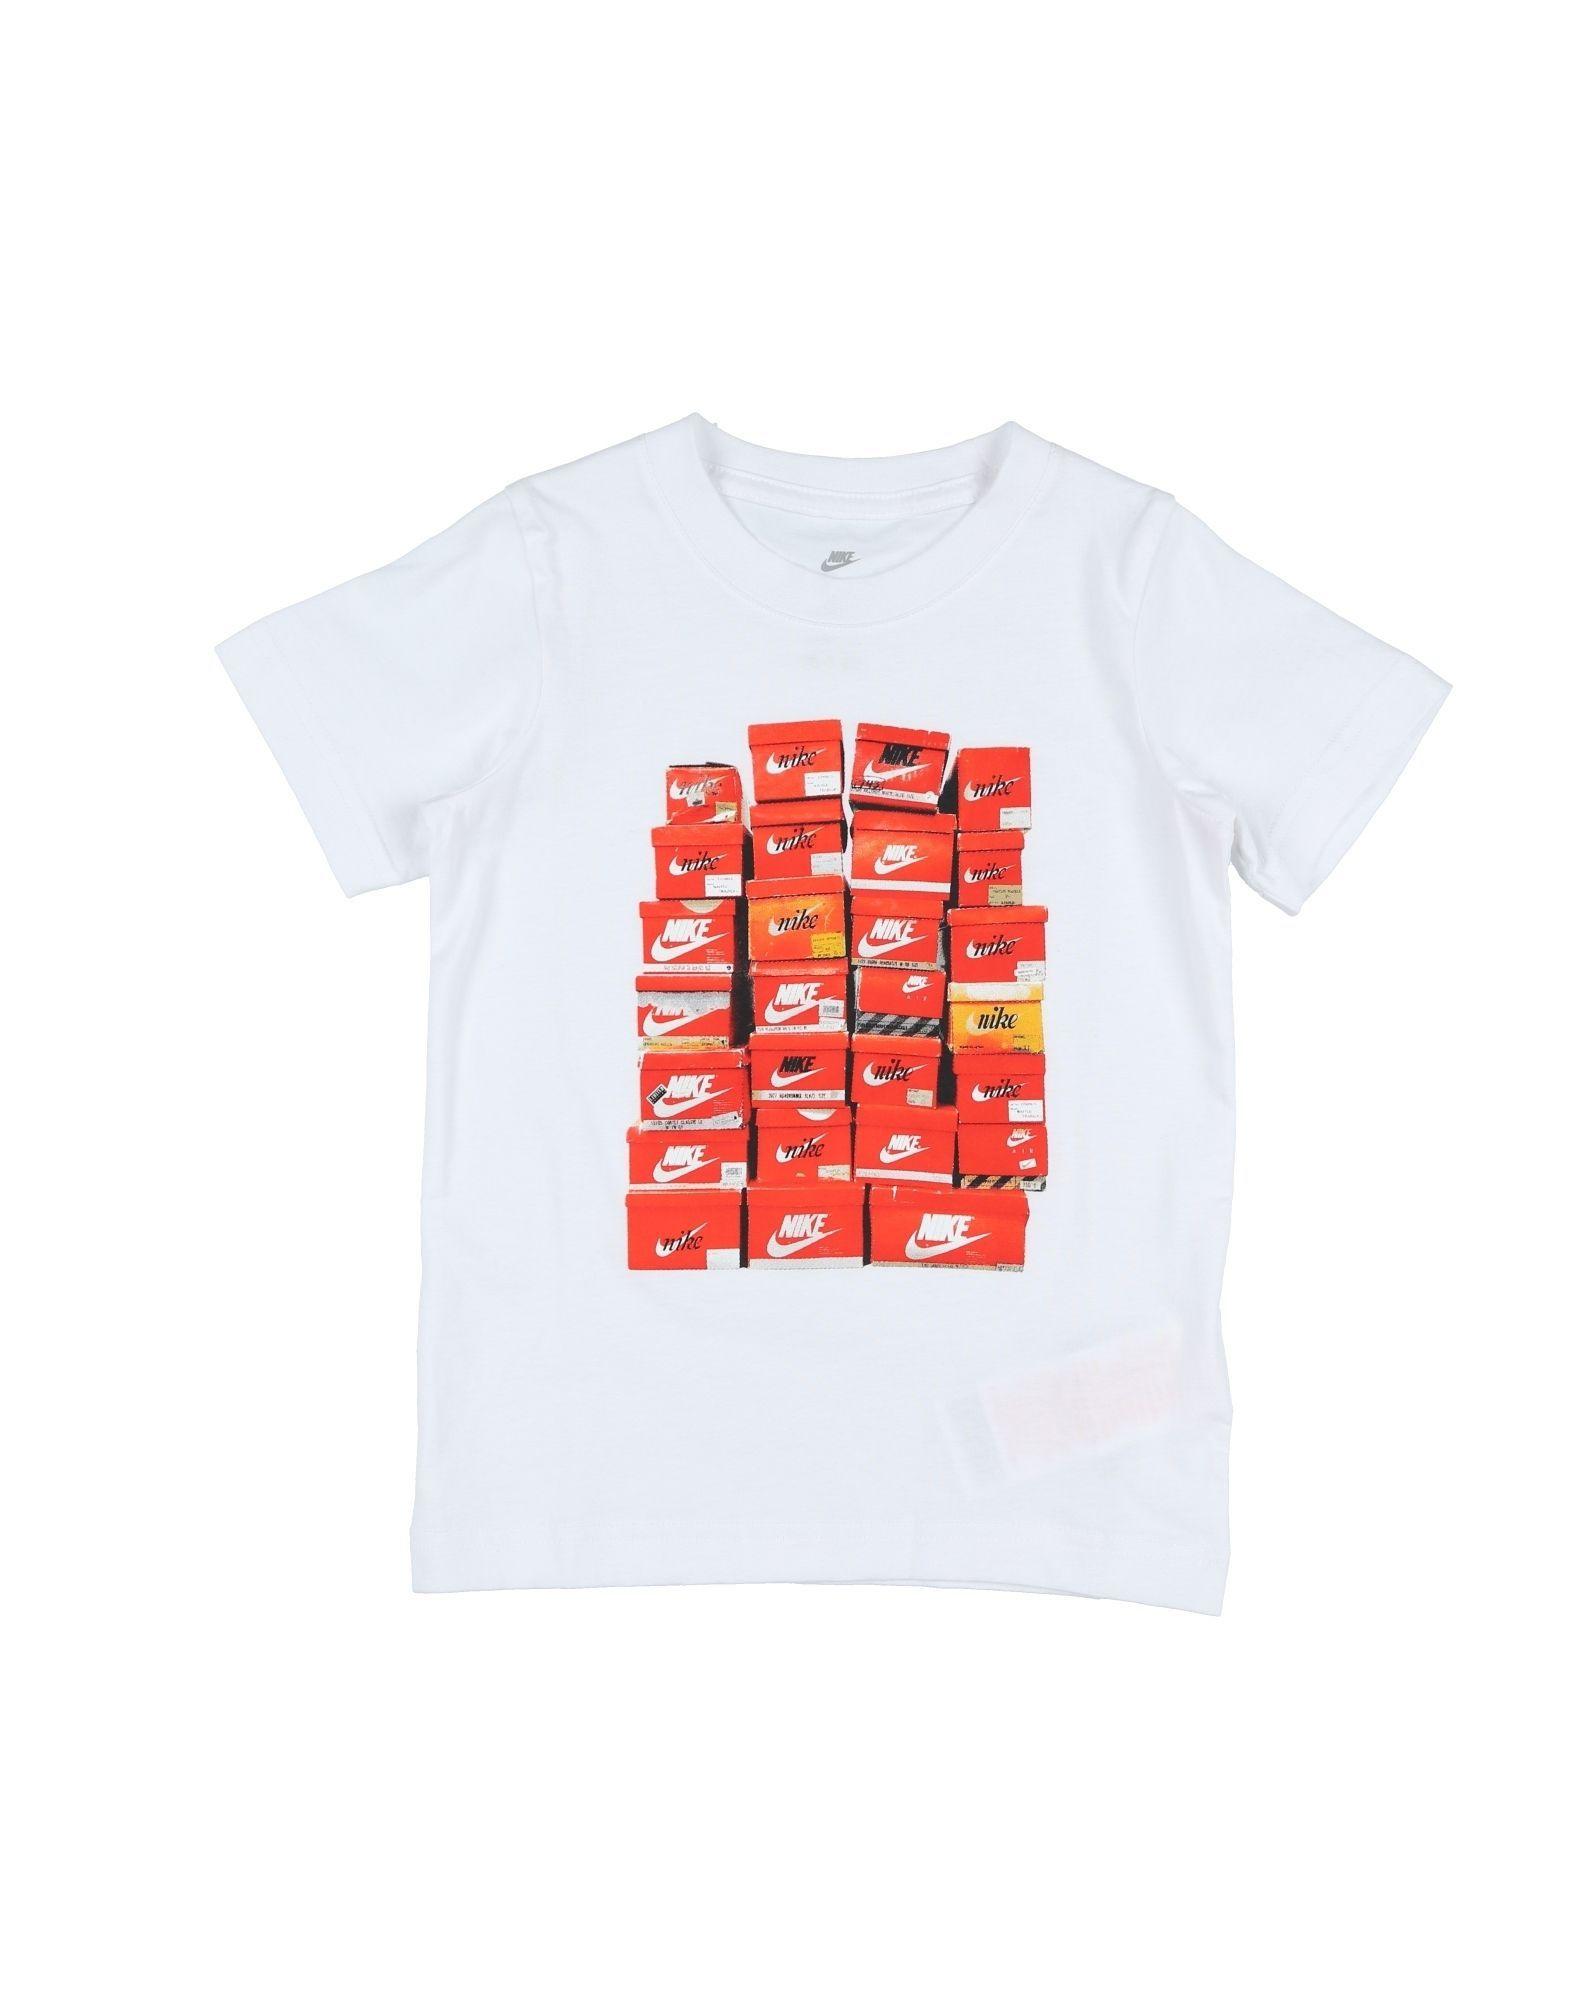 Nike White Boy Cotton T-Shirt